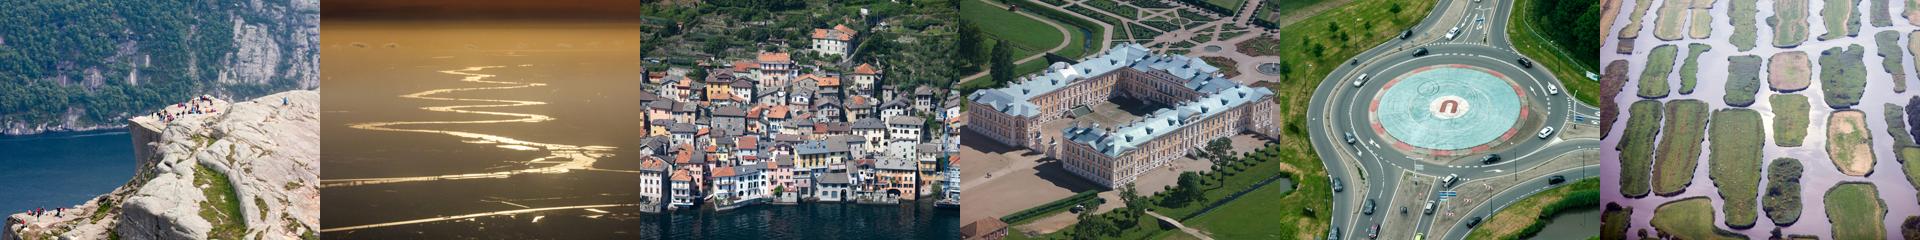 Overzicht-van-diverse-luchtfotos-Jeroen-Komen-Ik-kan-vliegen-Fotowedstrijd-IJsselstein